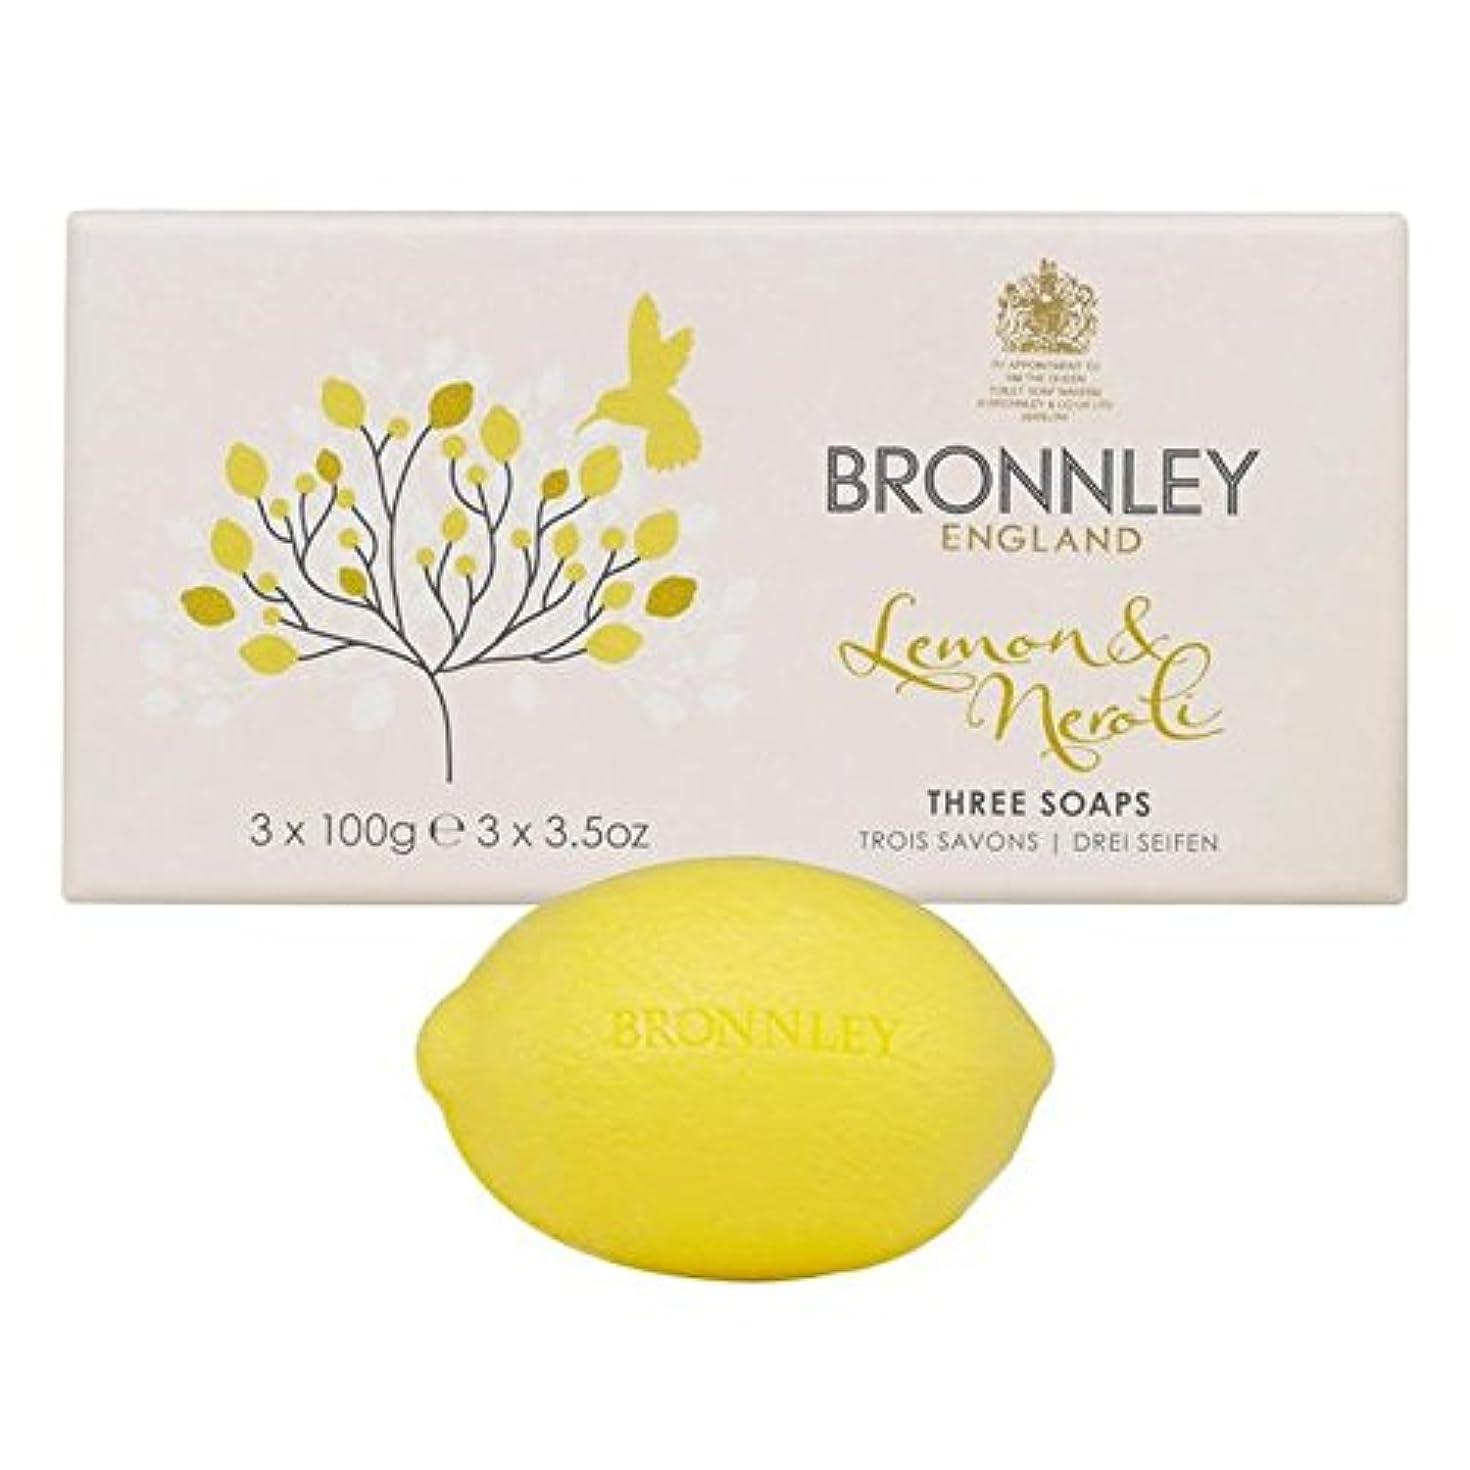 振る舞いまもなく人道的Bronnley Lemon & Neroli Soaps 3 x 100g - レモン&ネロリ石鹸3×100グラム [並行輸入品]